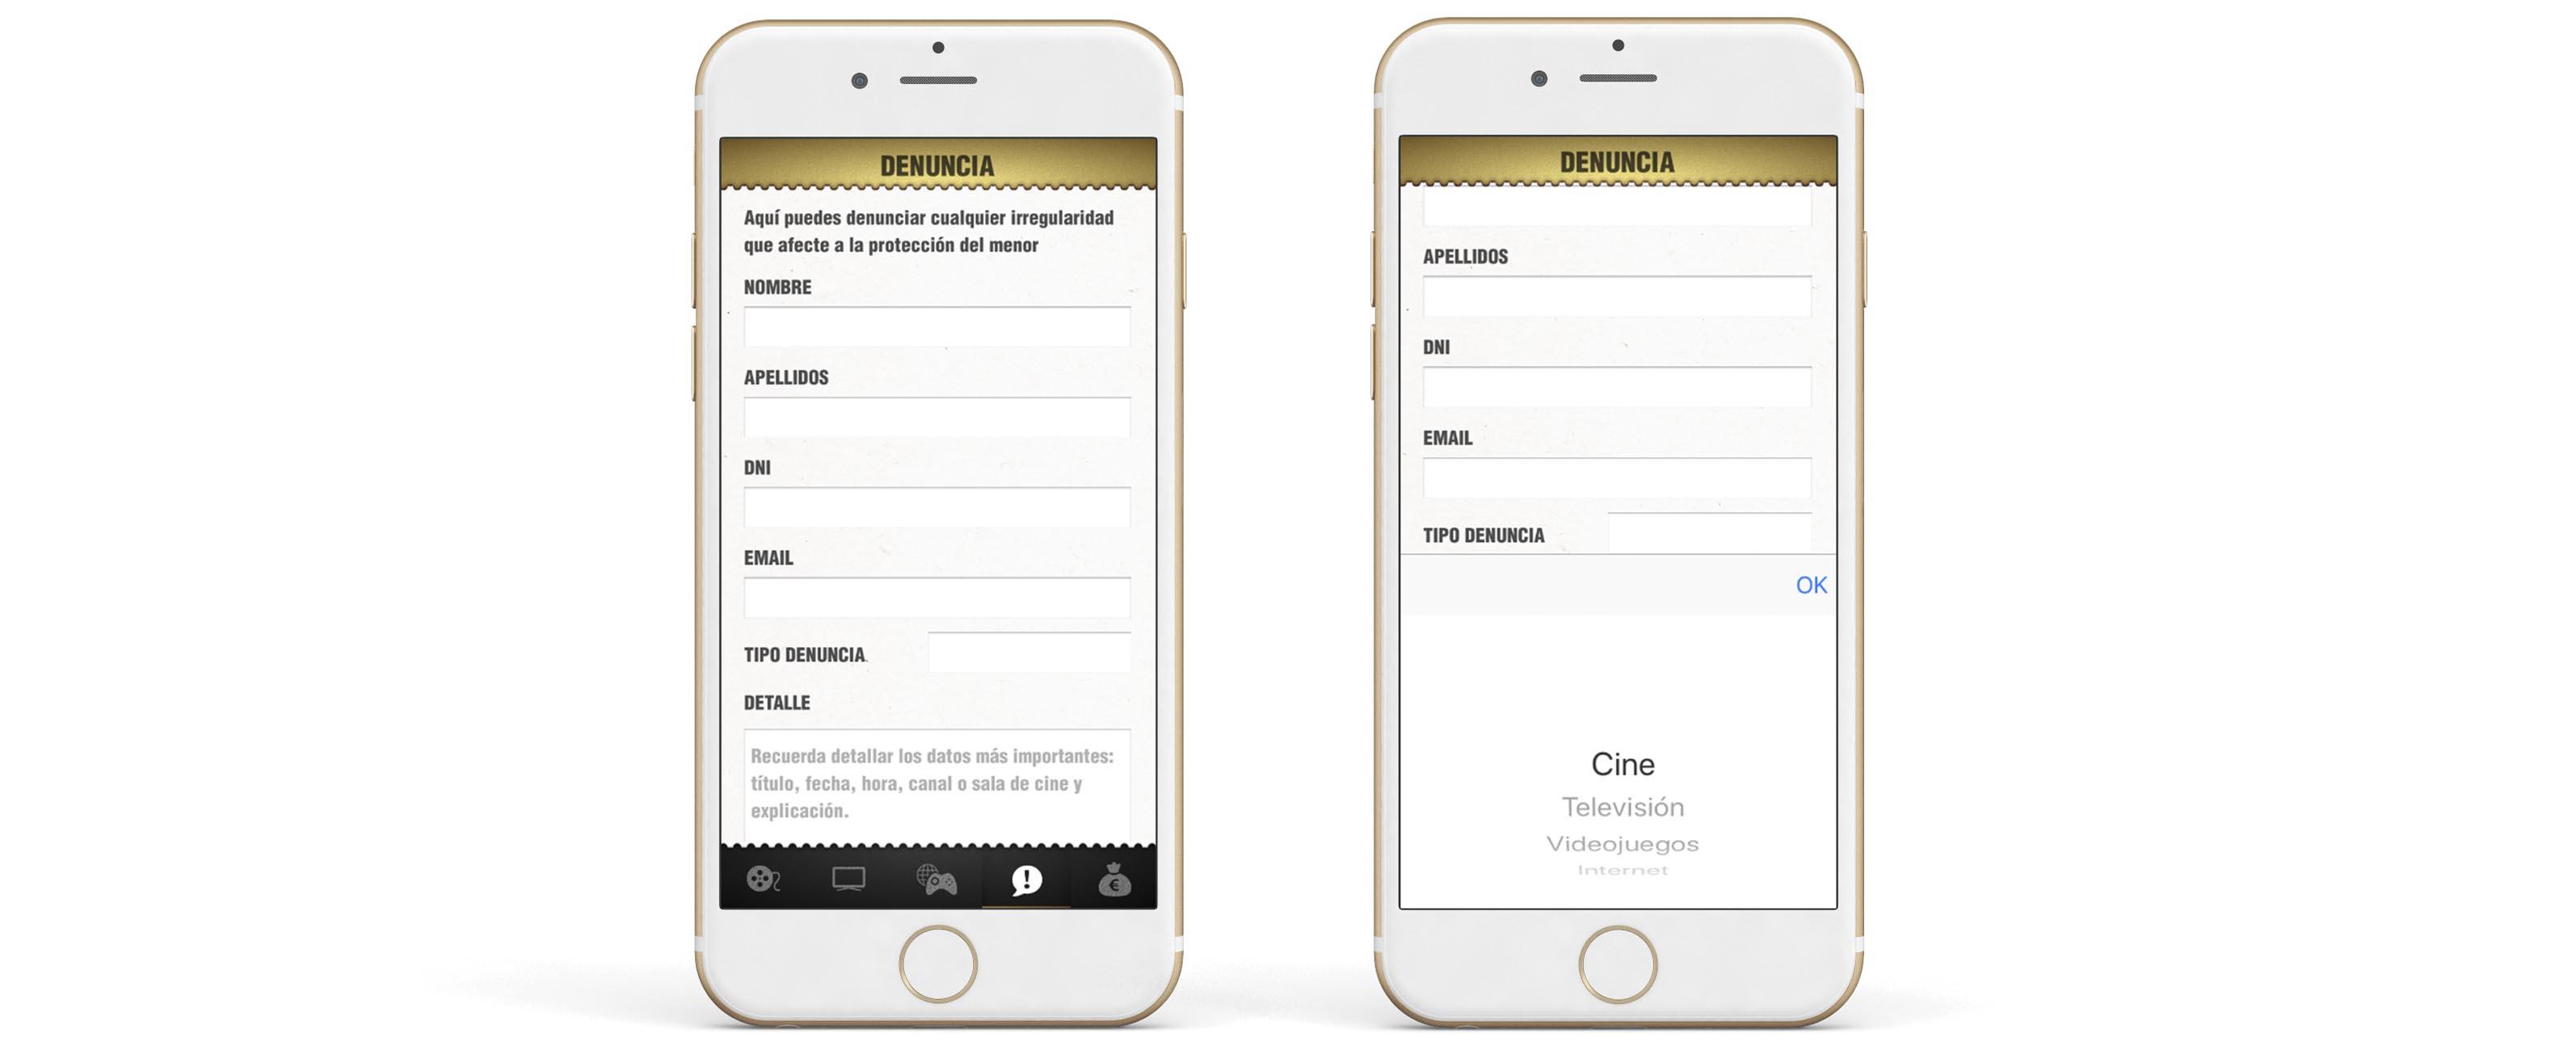 App Criticas Denuncia Contraste